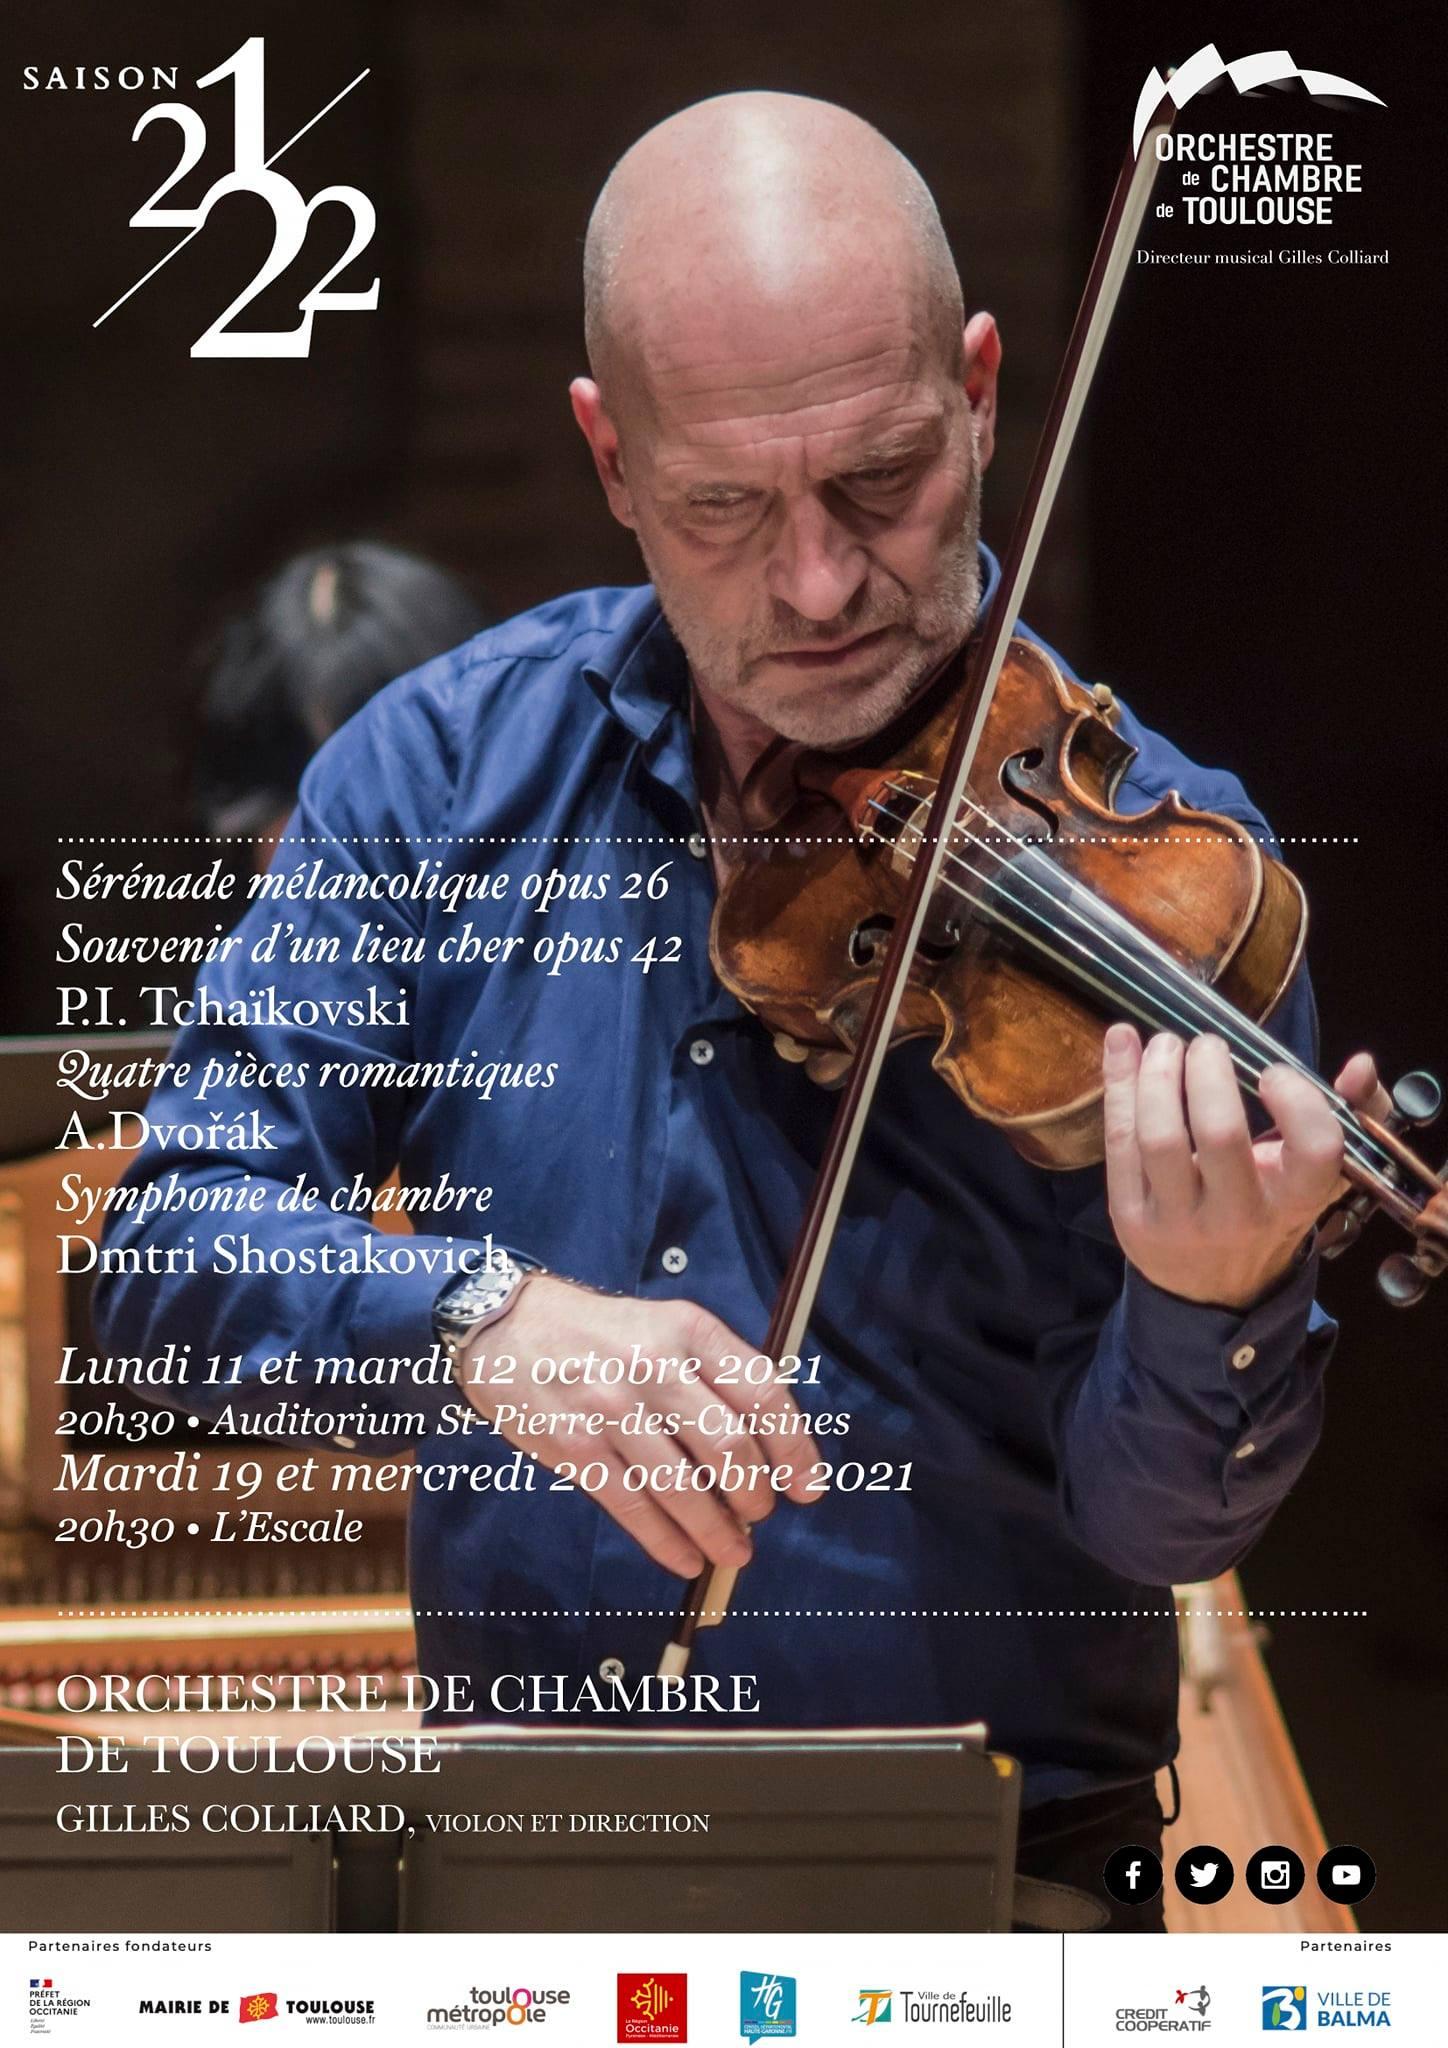 Orchestre de chambre de Toulouse - octobre 2021